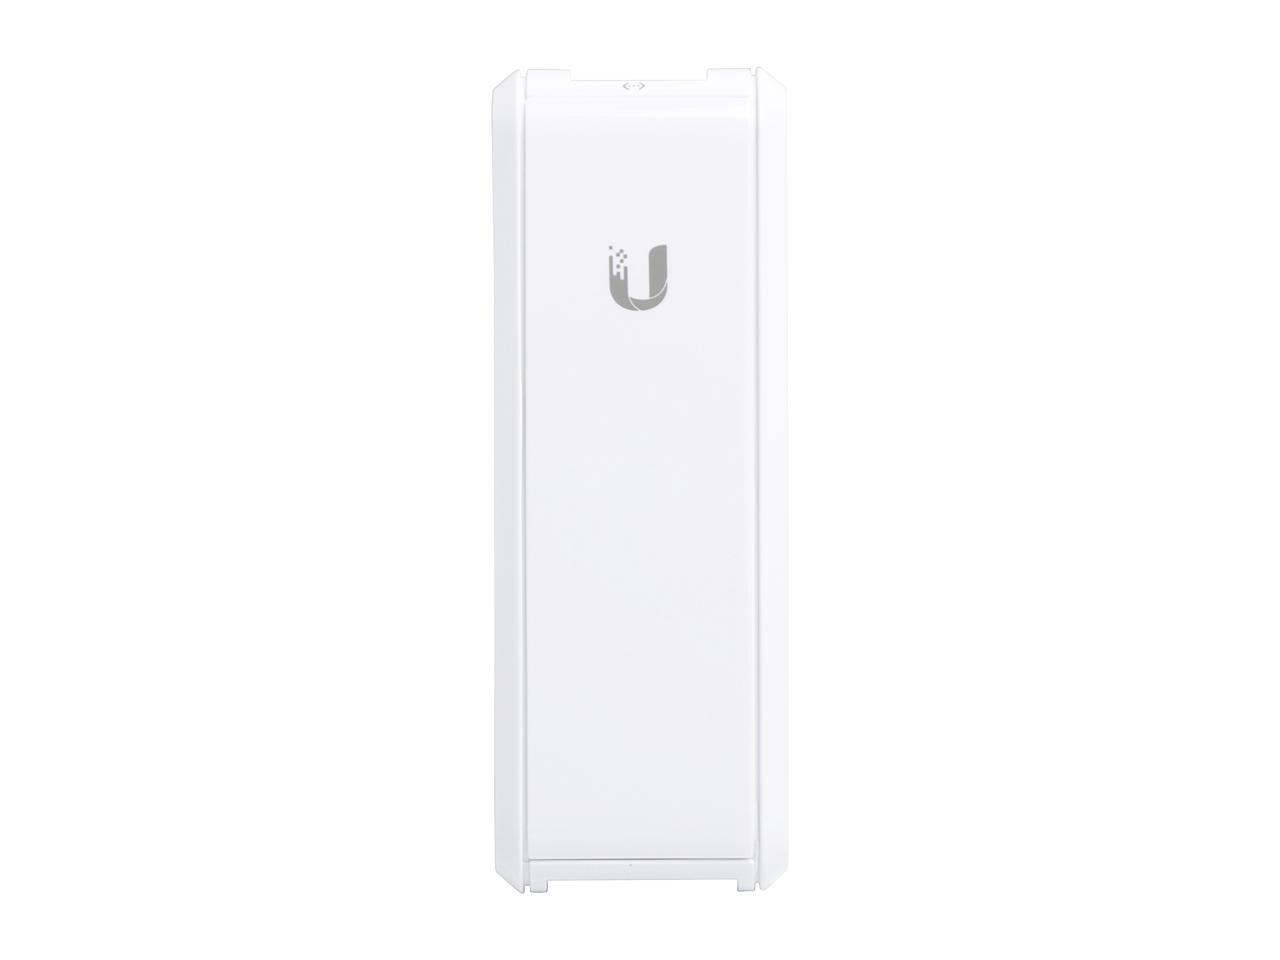 Ubiquiti Long Range Access Point 80 Unifi Controller Cloud Key Ap Uap Lr Deal Image